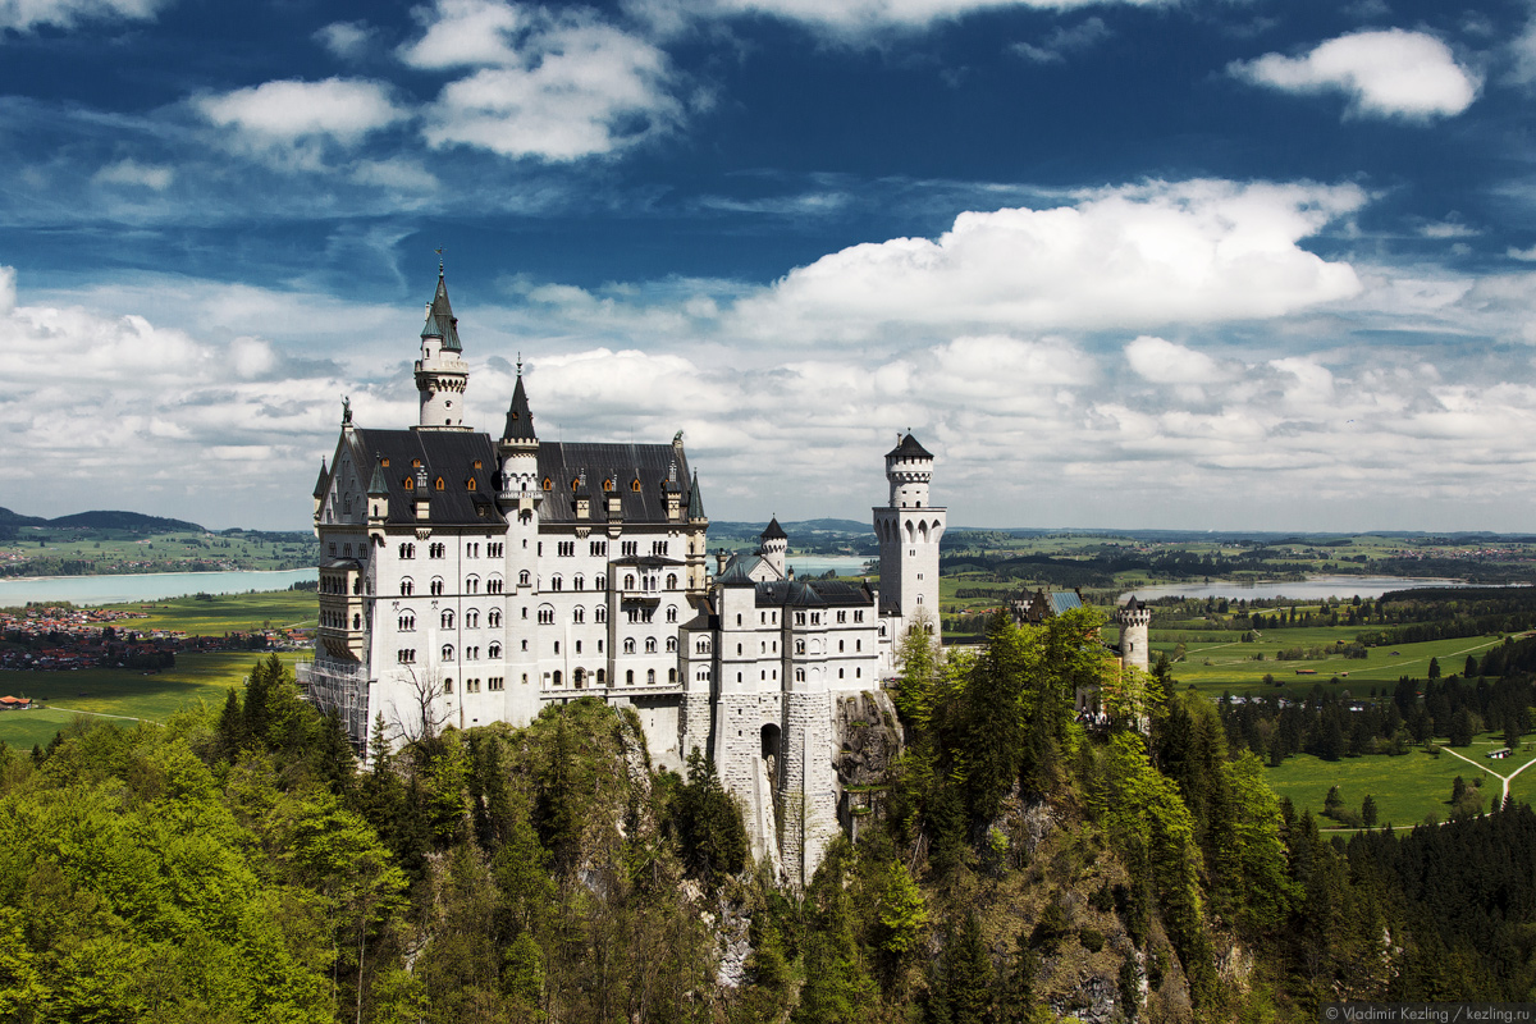 В краю замков и сказок. Сказочный замок сказочного короля